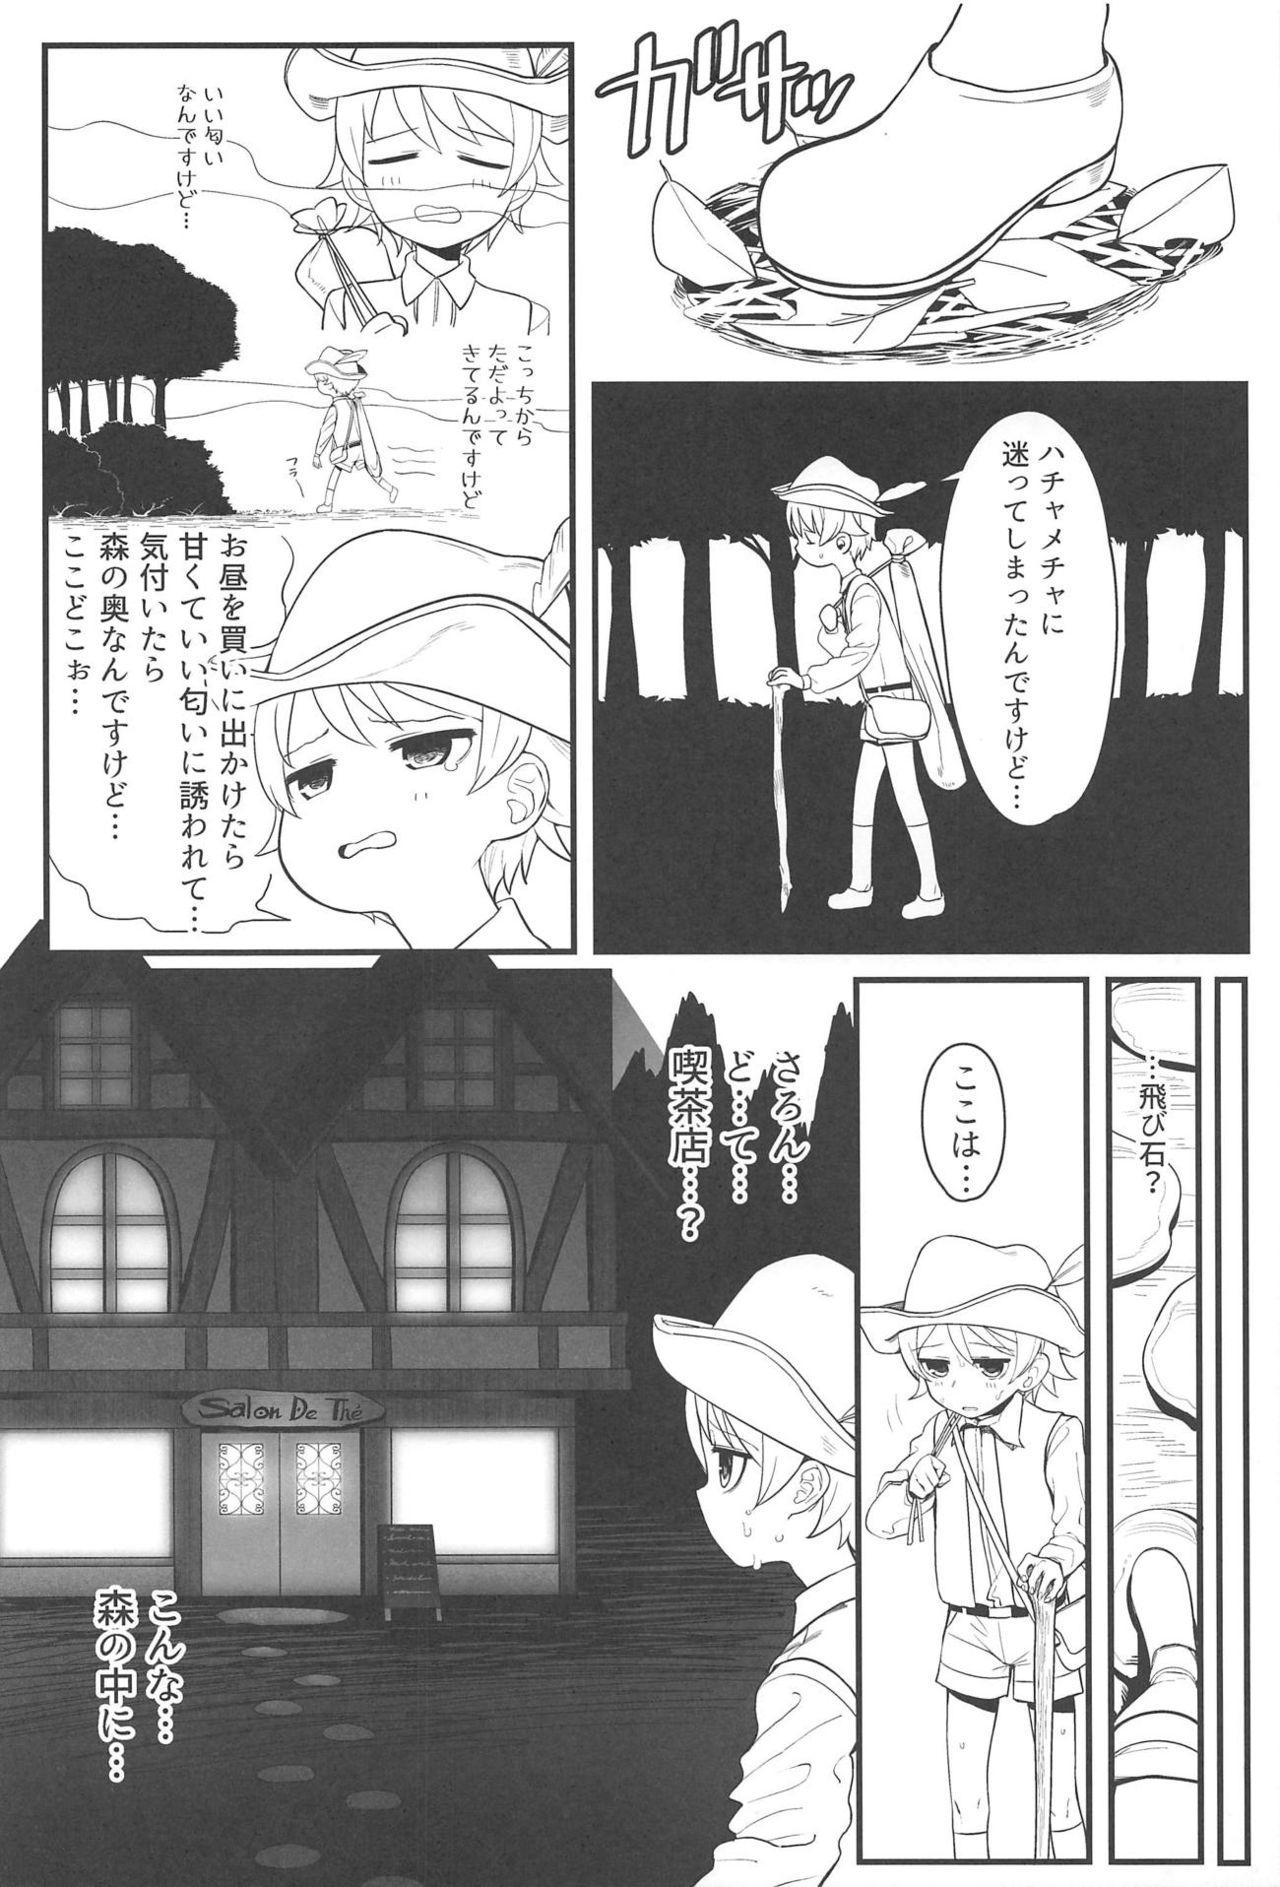 Morikubo Ecchi's Night 2